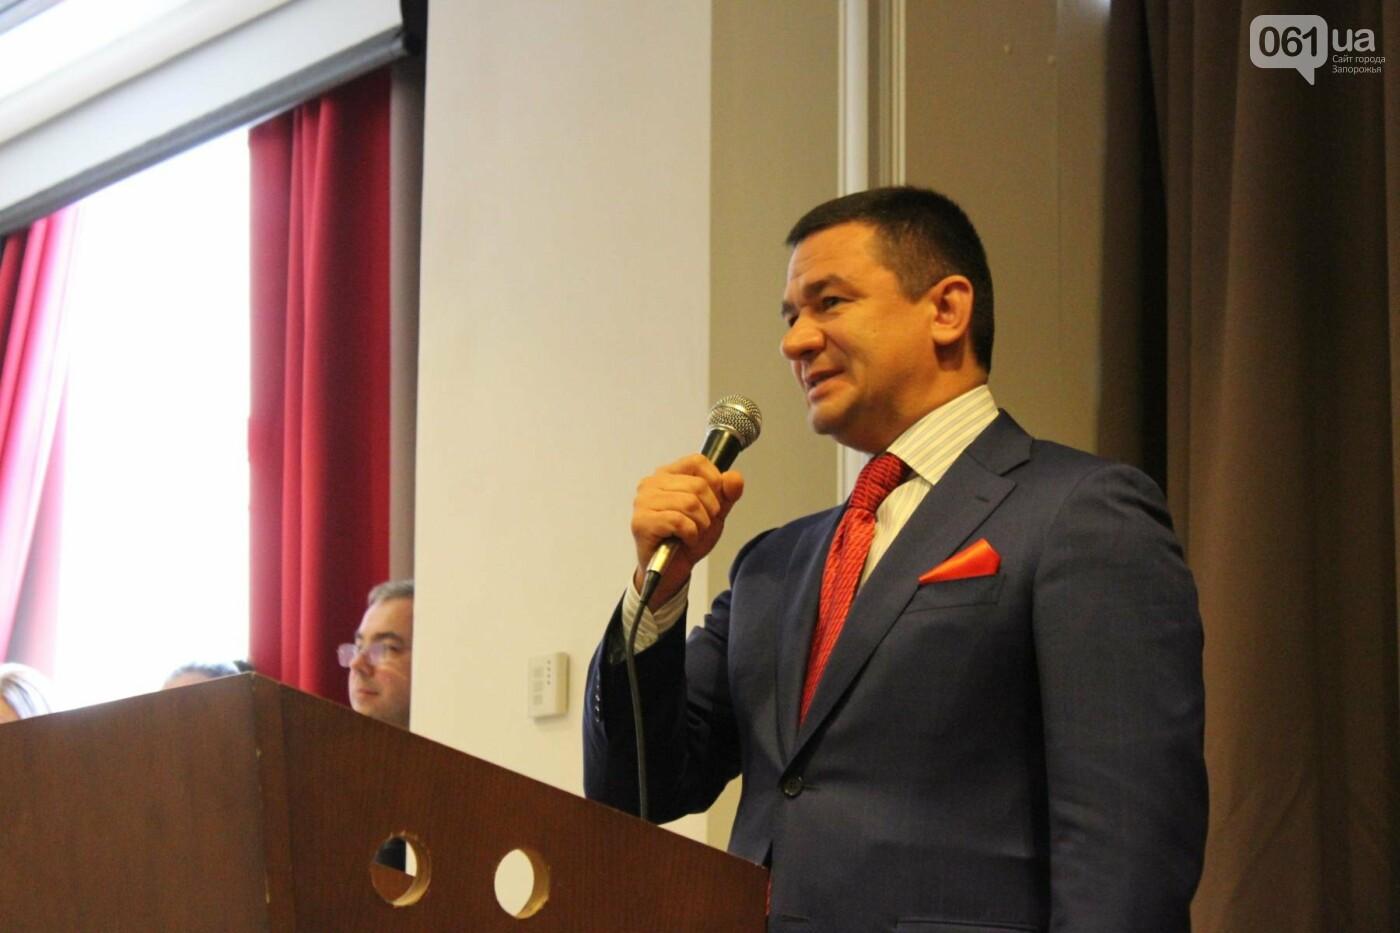 В Запорожье открылось Почетное консульство Австрии: консулом стал известный бизнесмен Борис Шестопалов, — ФОТОРЕПОРТАЖ, фото-8